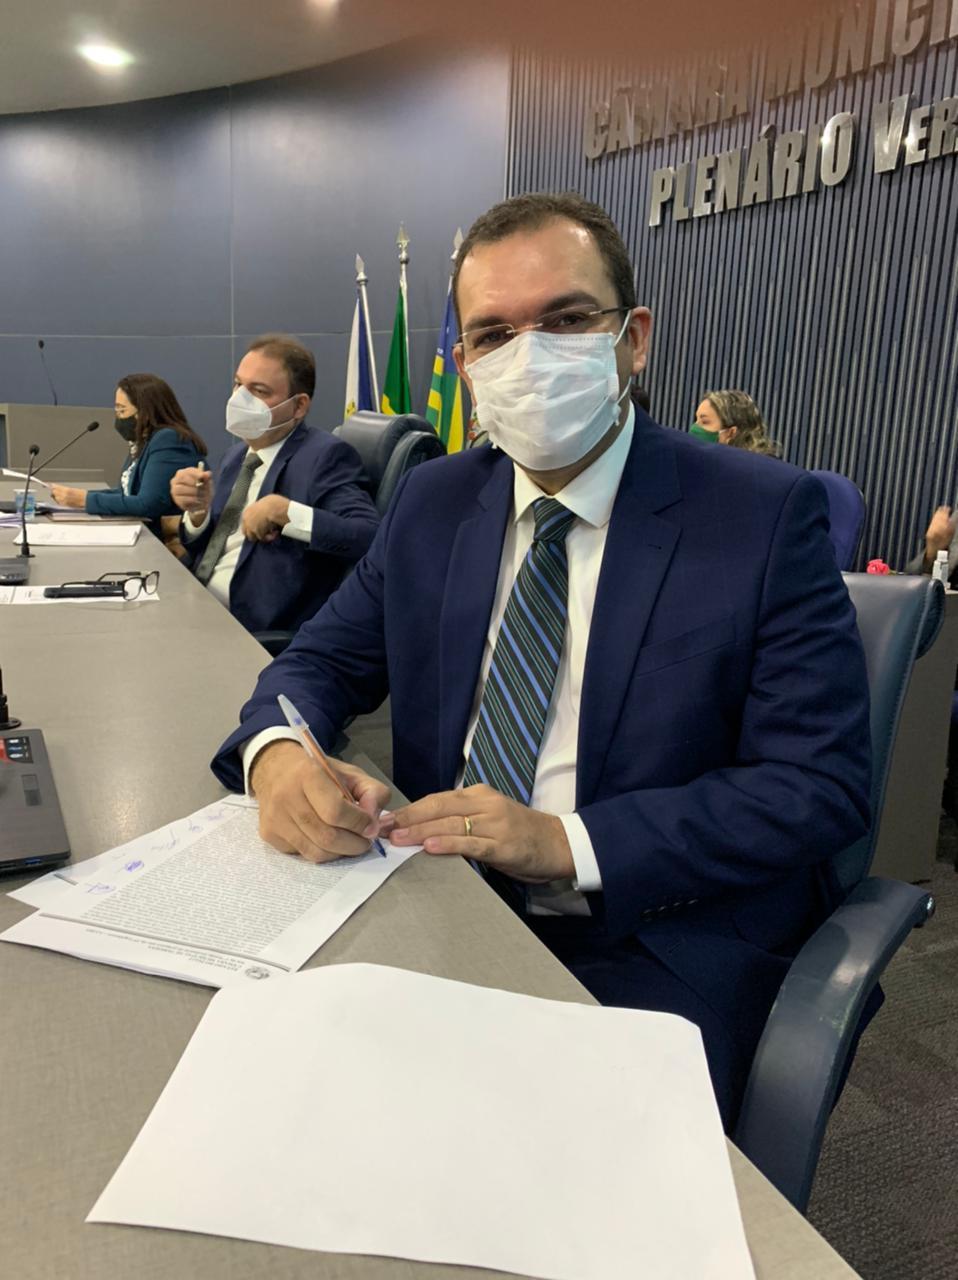 Vereador Vinício Ferreira vai apresentar requerimento na Câmara dos Vereadoeres de Teresina